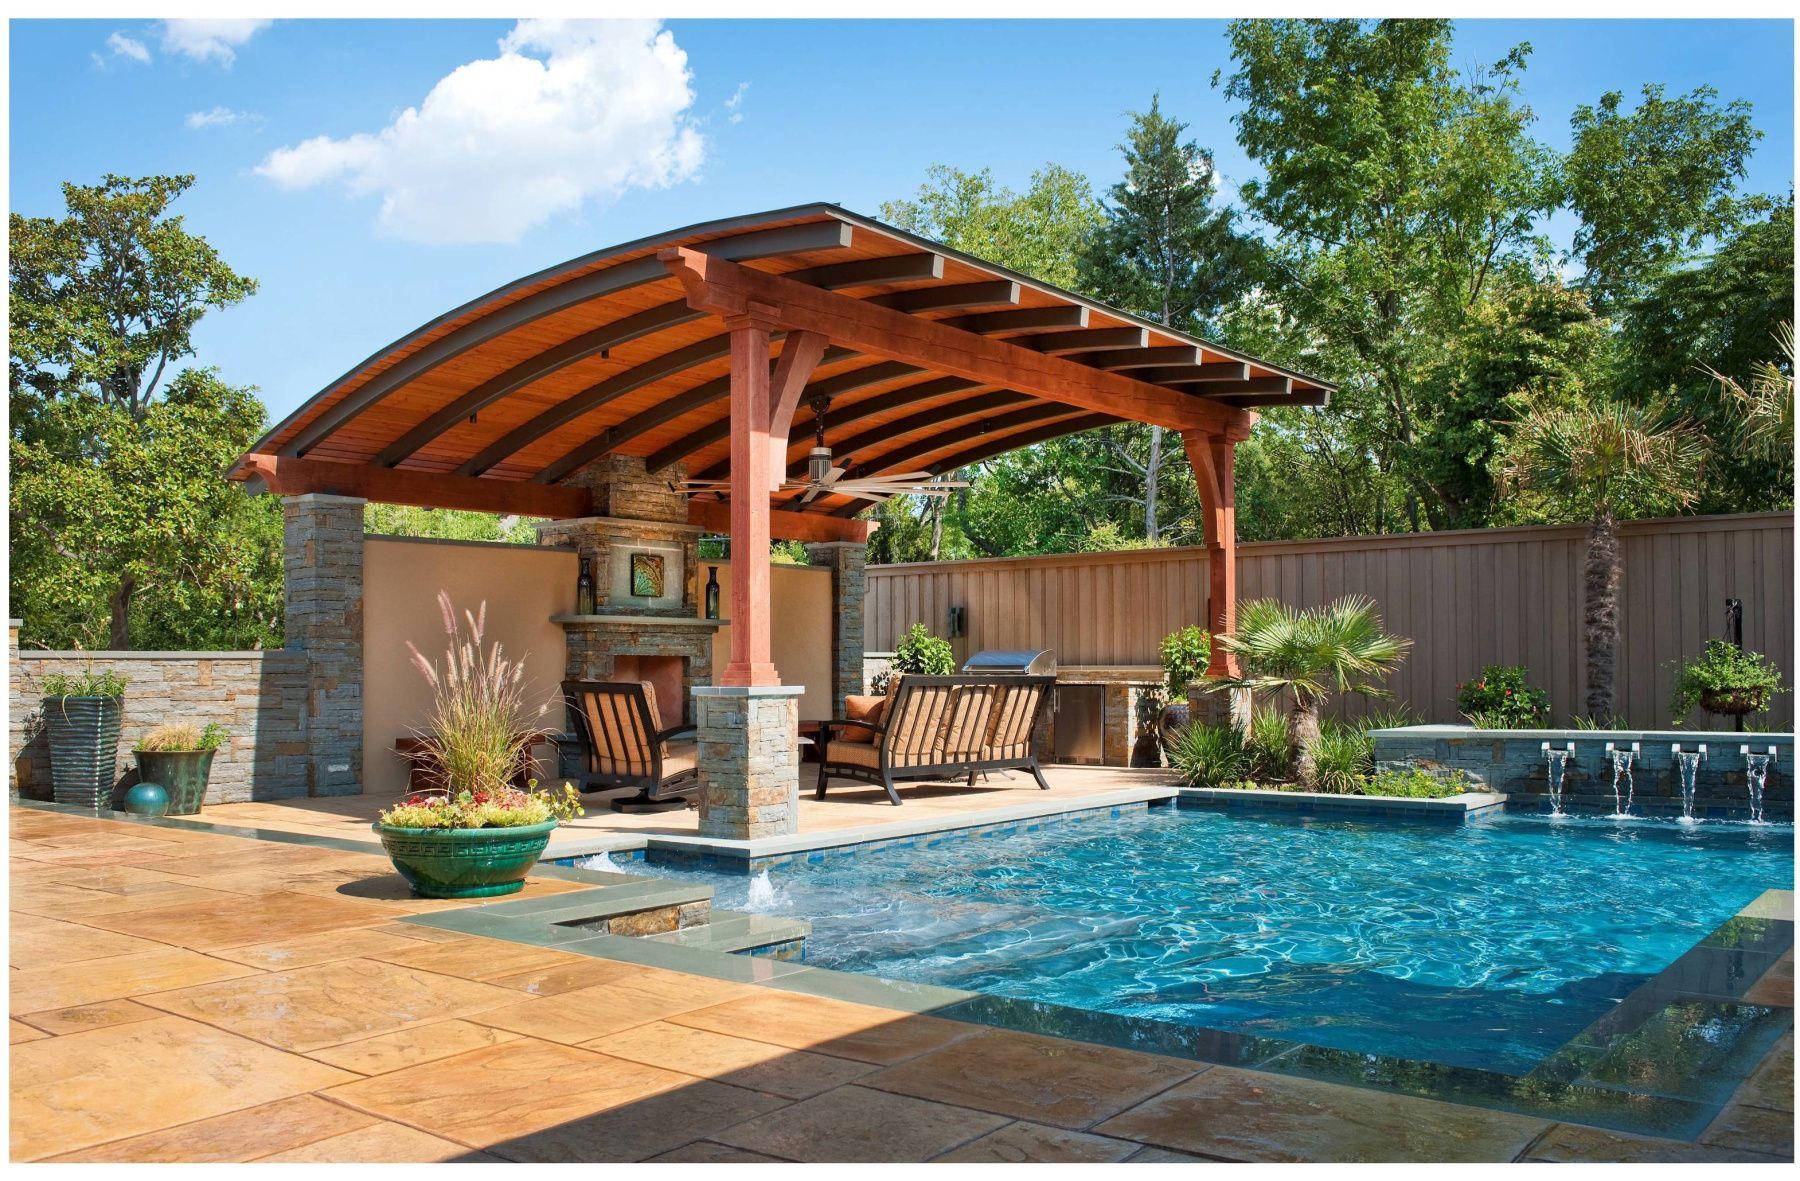 39 Gorgeous Gazebo Ideas (Outdoor Patio & Garden Designs) -